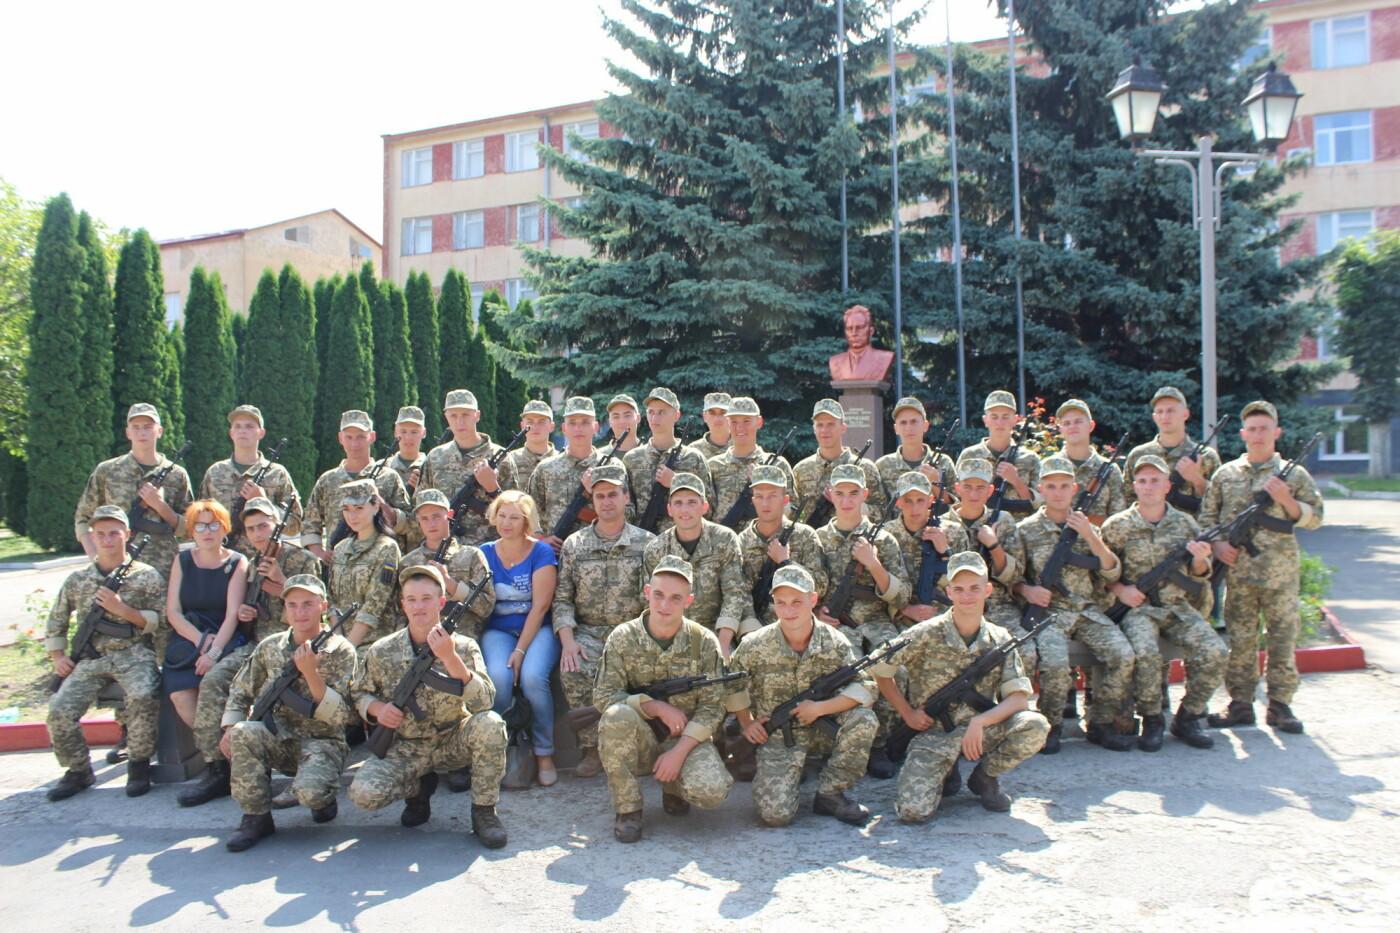 У Кам'янці 240 військовослужбовців склали присягу, фото-17, Фото: Olha Povorozniuk